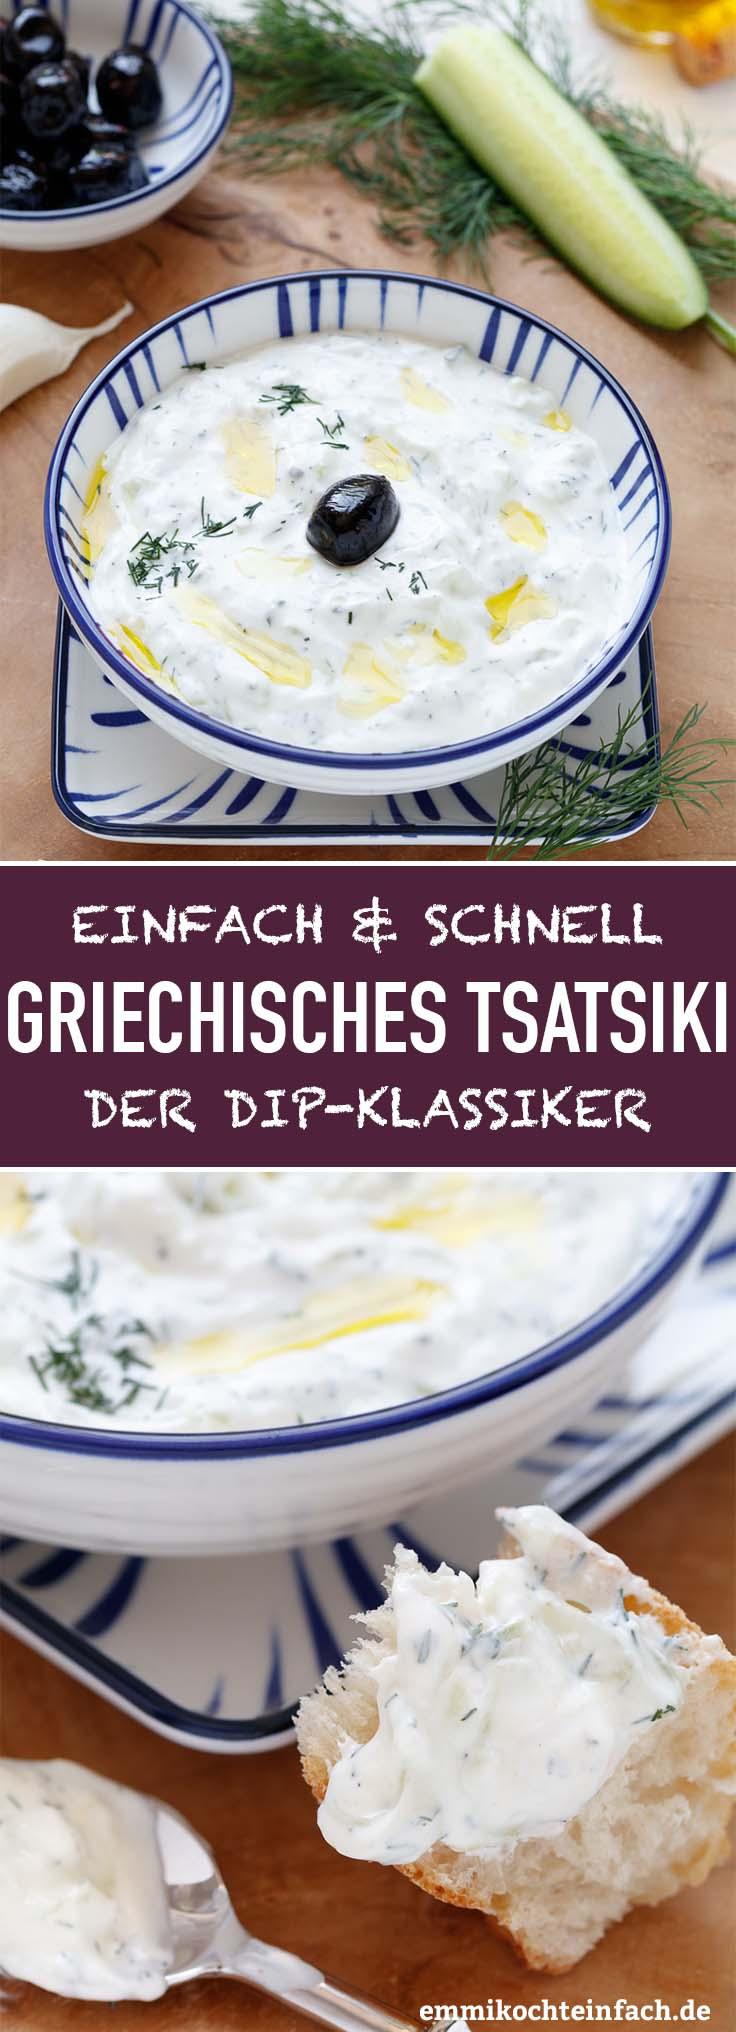 Griechisches Tsatsiki - www.emmikochteinfach.de